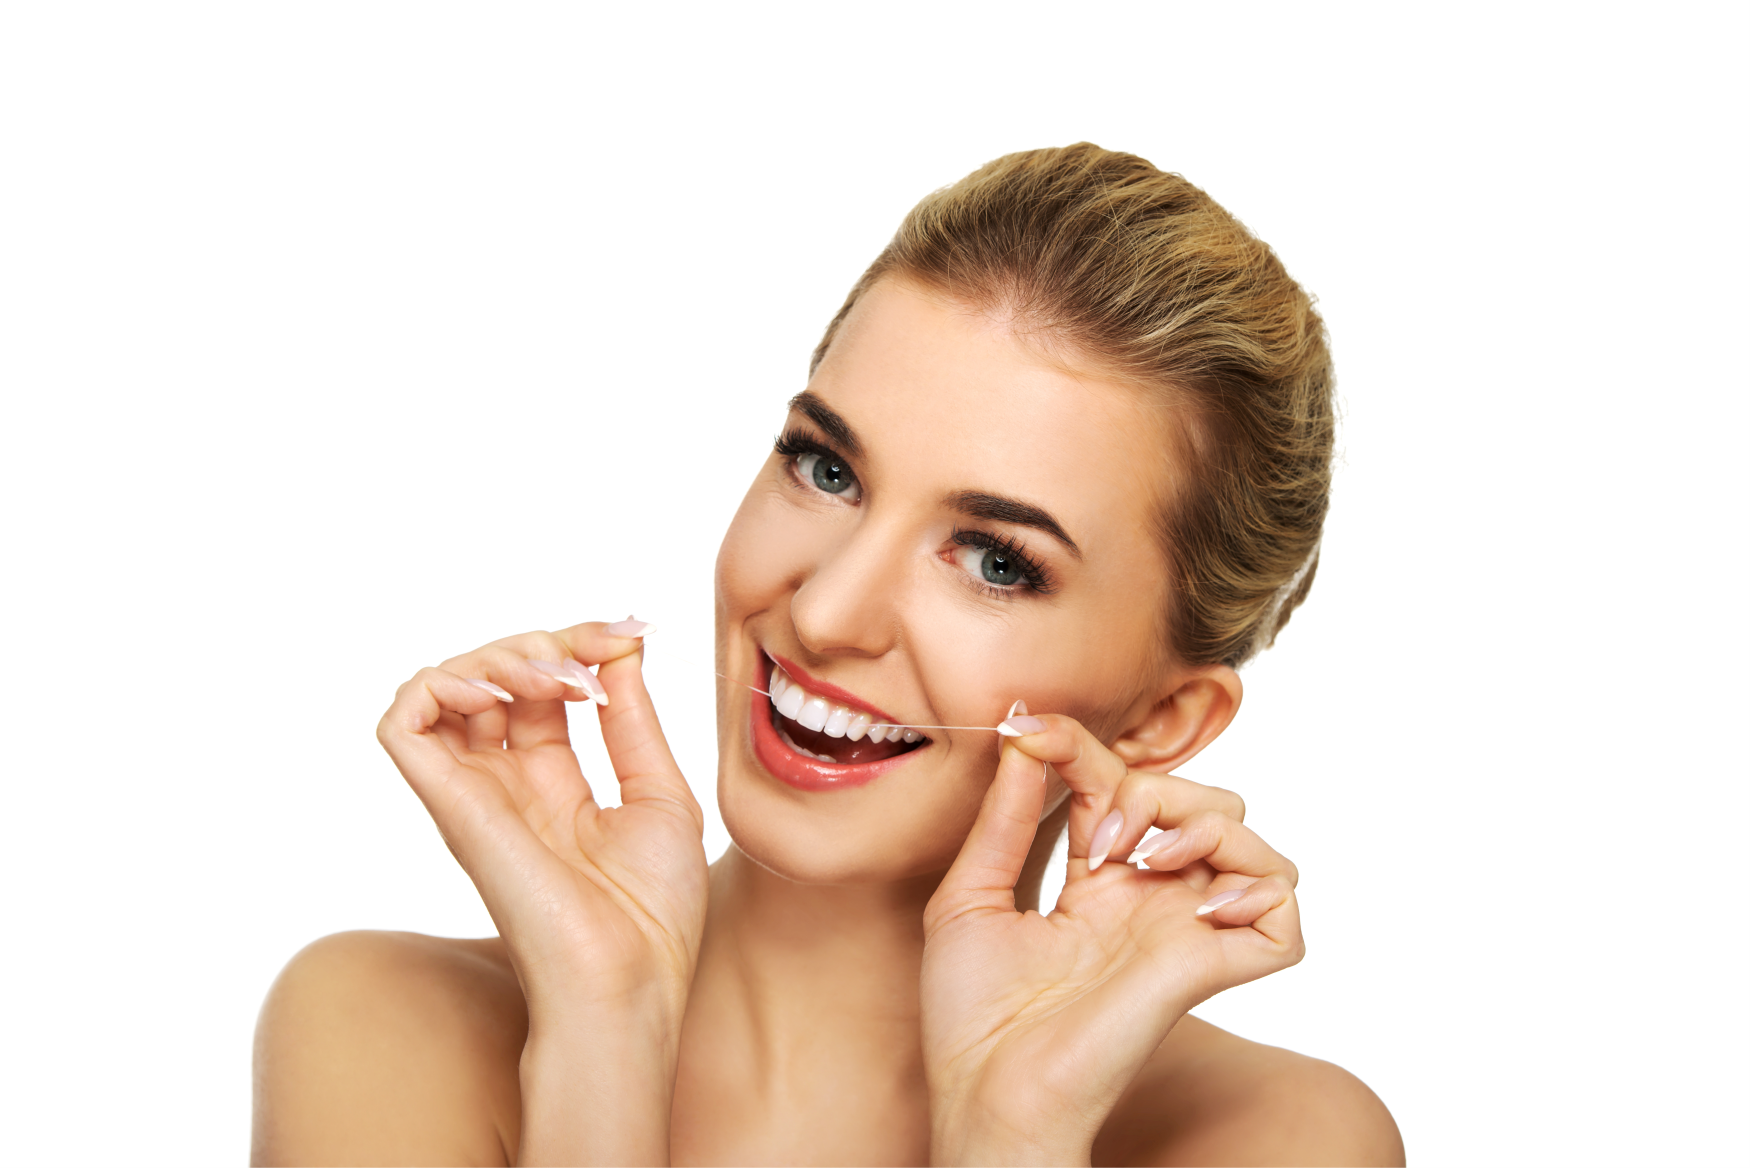 14b5194a0 Como Utilizar o Fio Dental Corretamente - Dr. Cristiano Belem